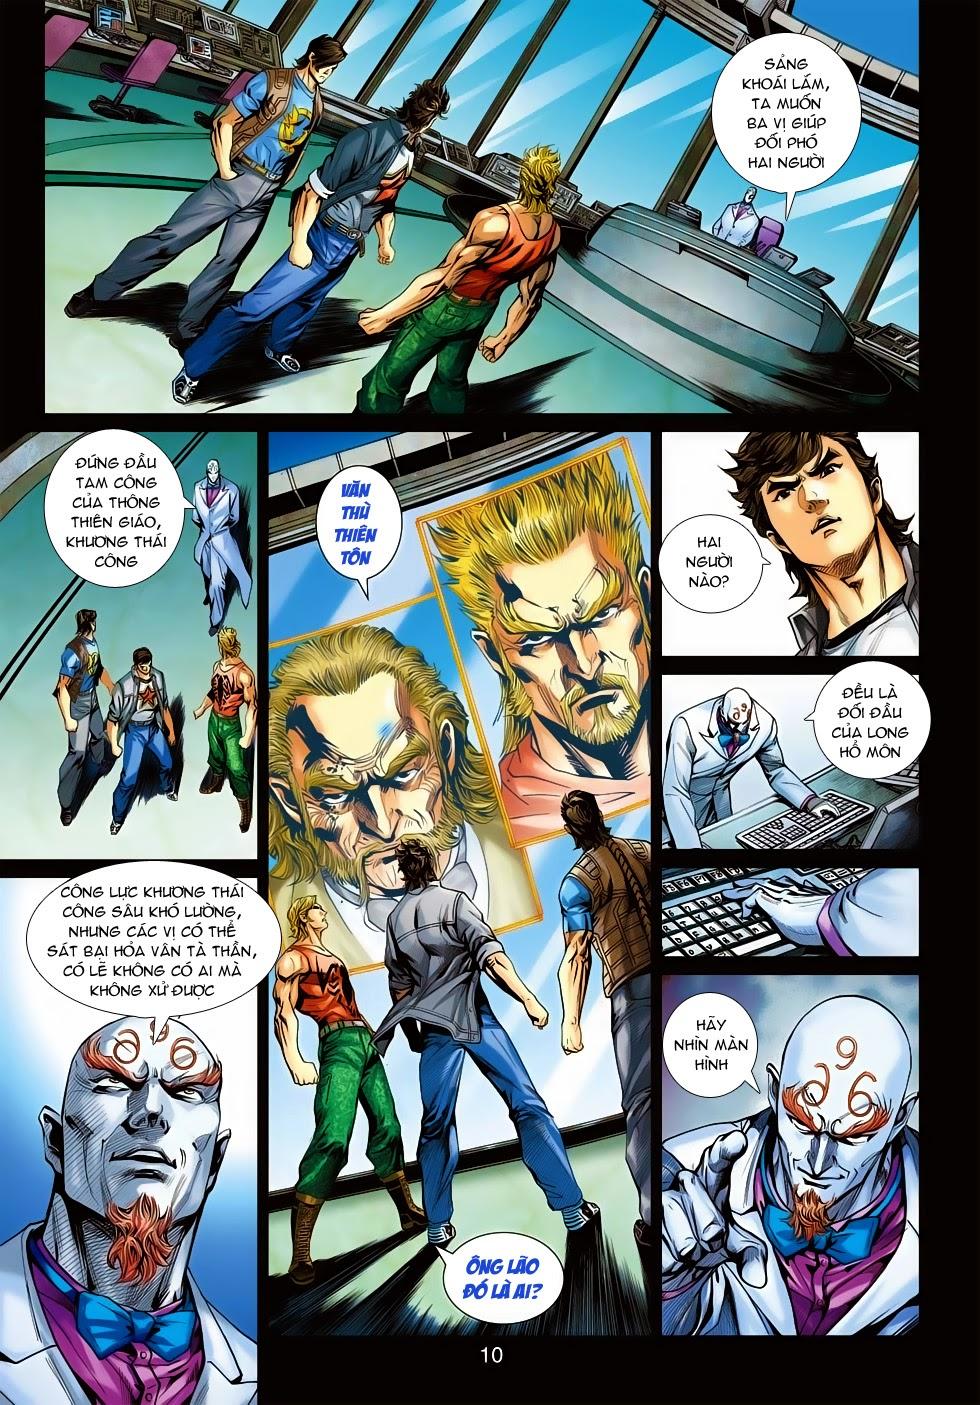 Tân Tác Long Hổ Môn trang 9